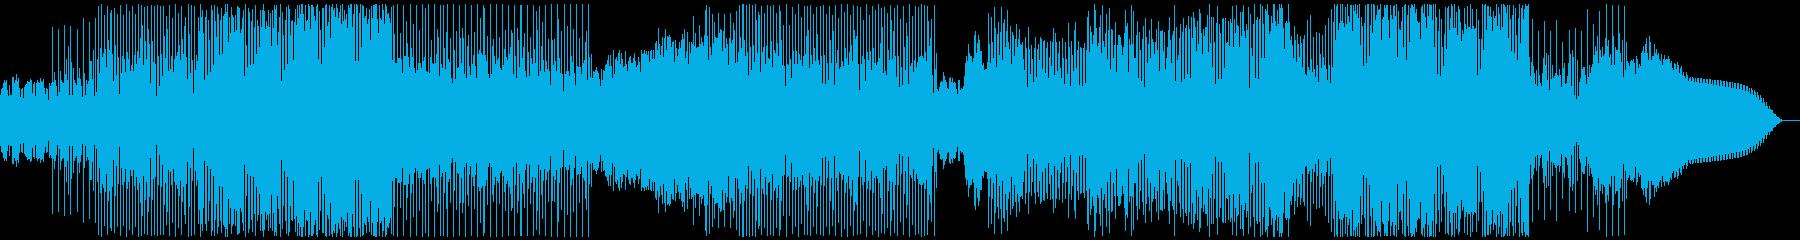 電脳空間、近未来、無機質、電子音楽の再生済みの波形